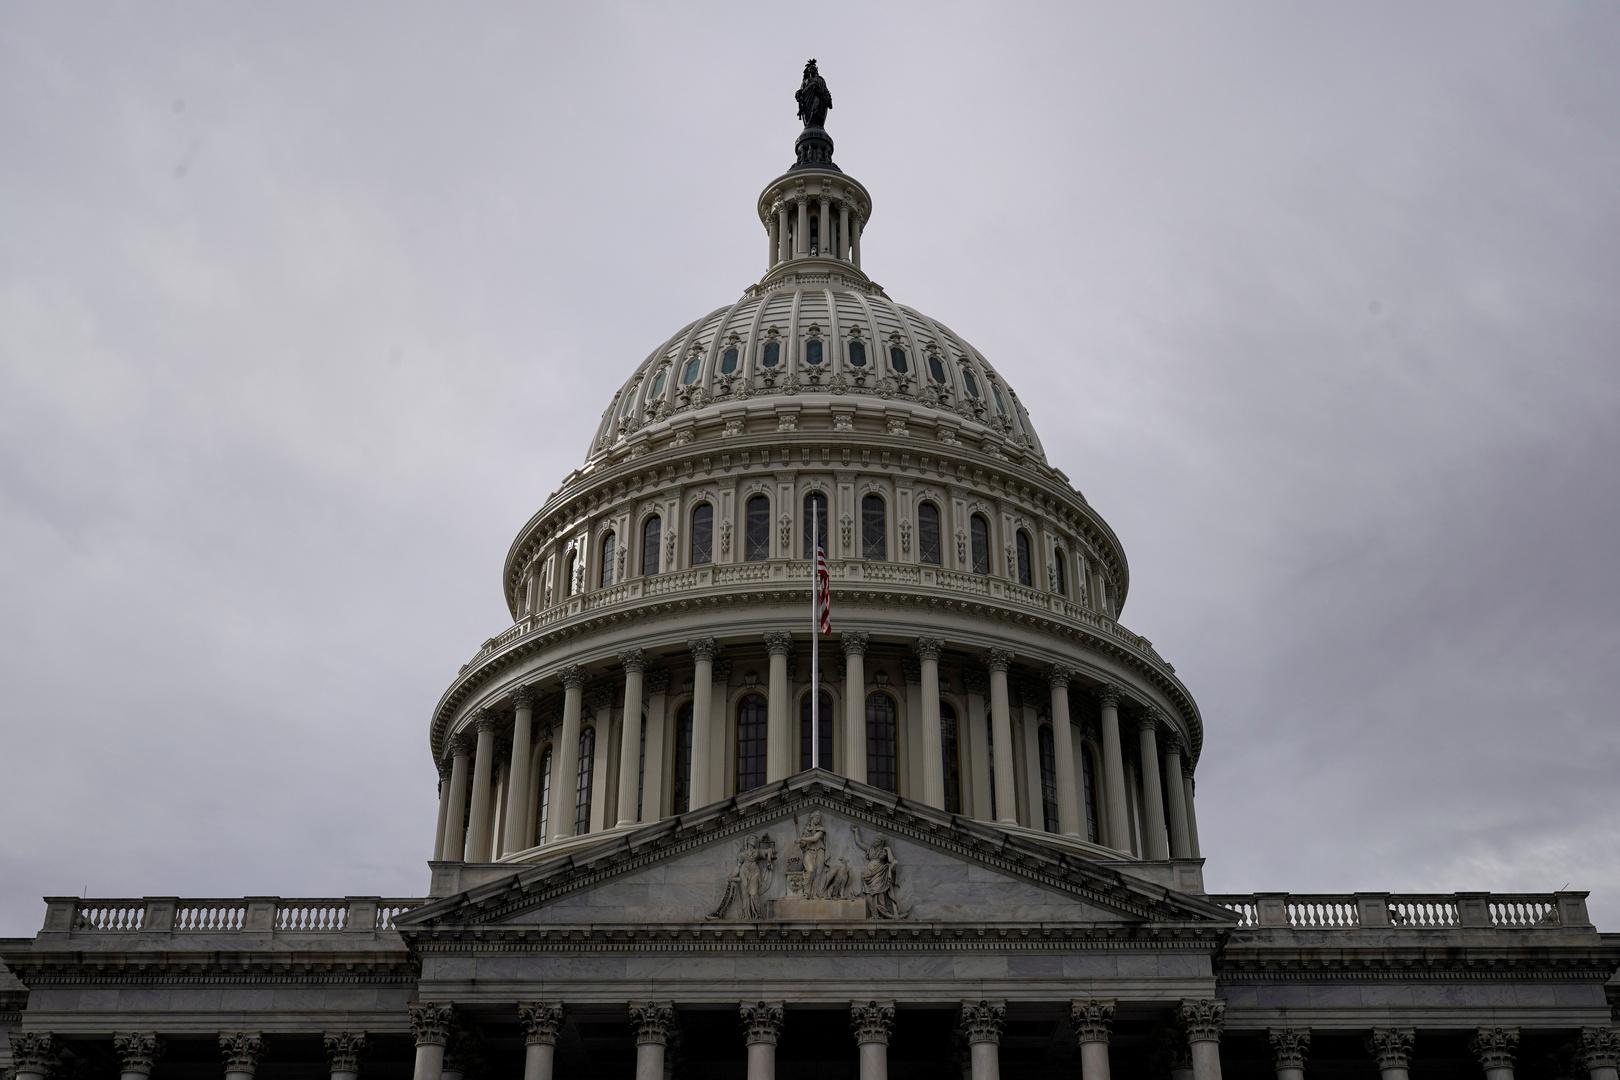 مقر الكونغرس